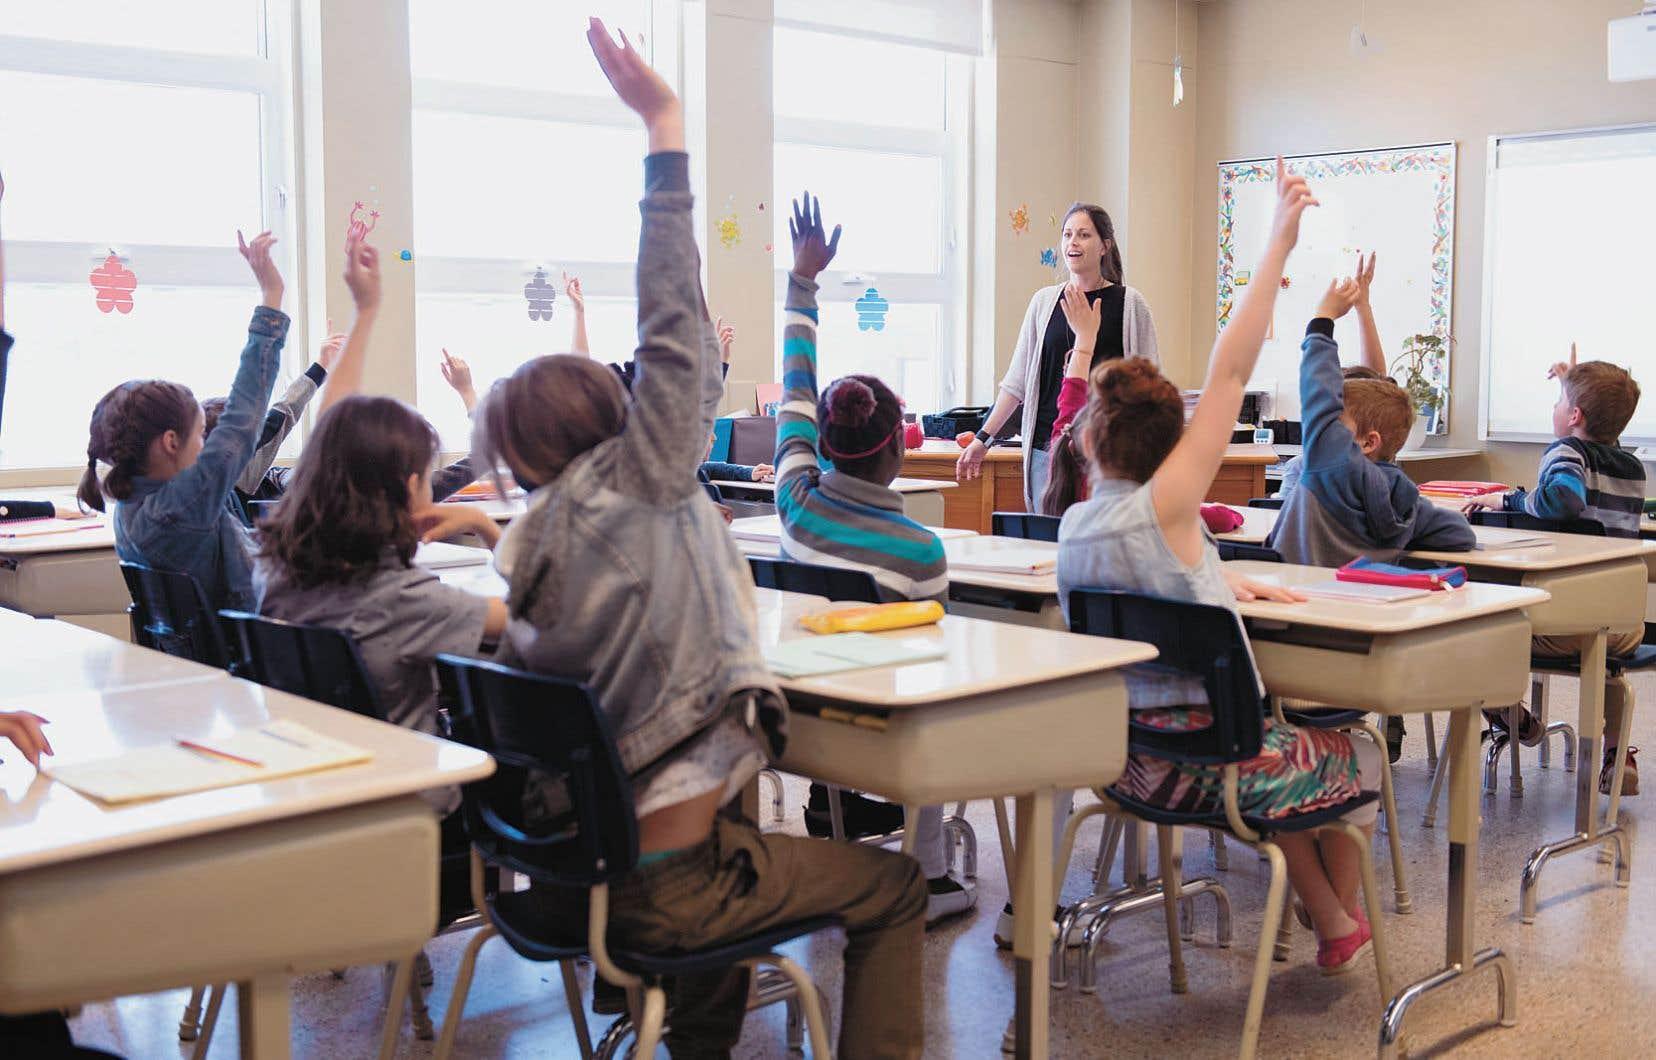 La Fédération des syndicats de l'enseignement (FSE-CSQ) a réclamé récemment un rattrapage salarial de 8% pour atteindre la rémunération moyenne canadienne.